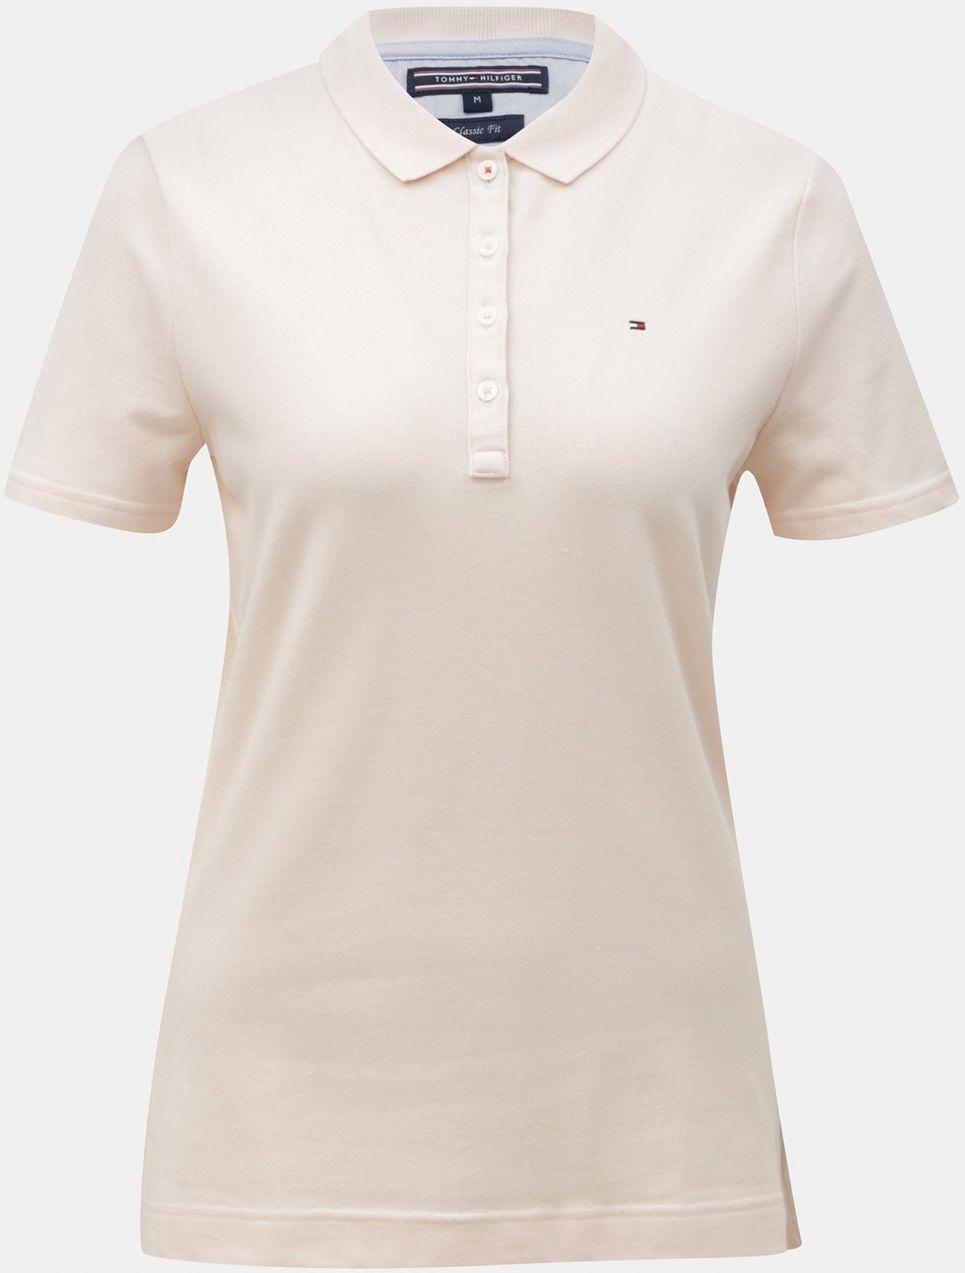 Svetloružové dámske polo tričko Tommy Hilfiger značky Tommy Hilfiger ... 36e8ed39eee